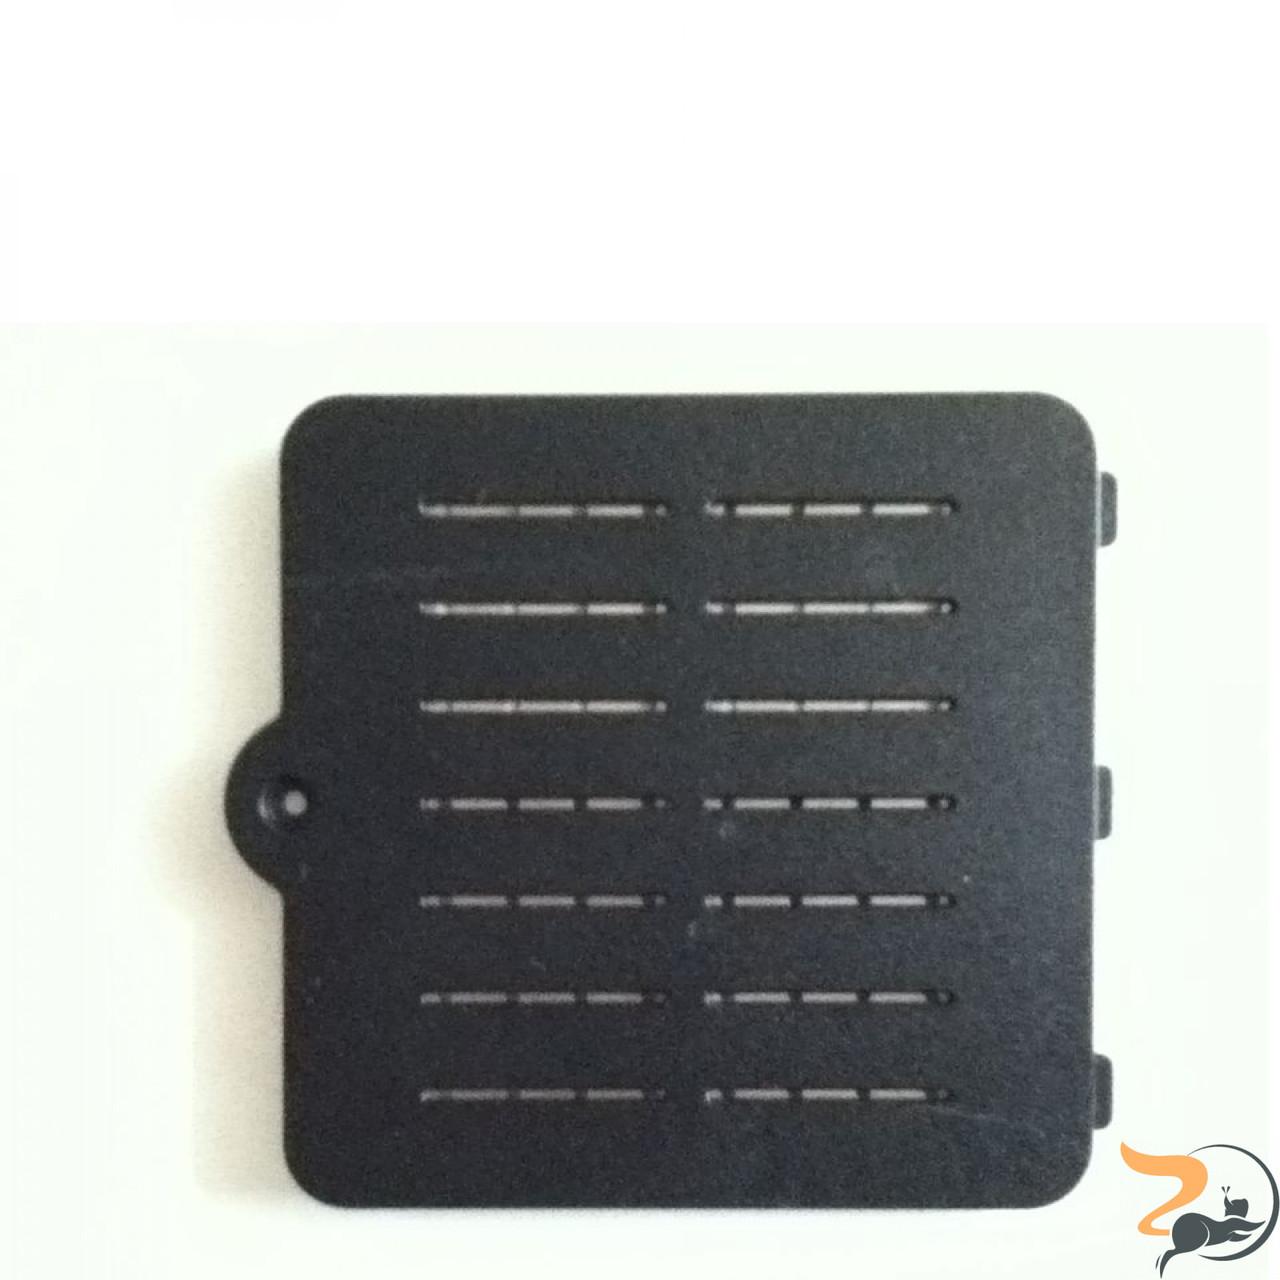 Сервісна кришка для ноутбука Dell Inspiron 1000, 36vm5rdwi06, Б/В